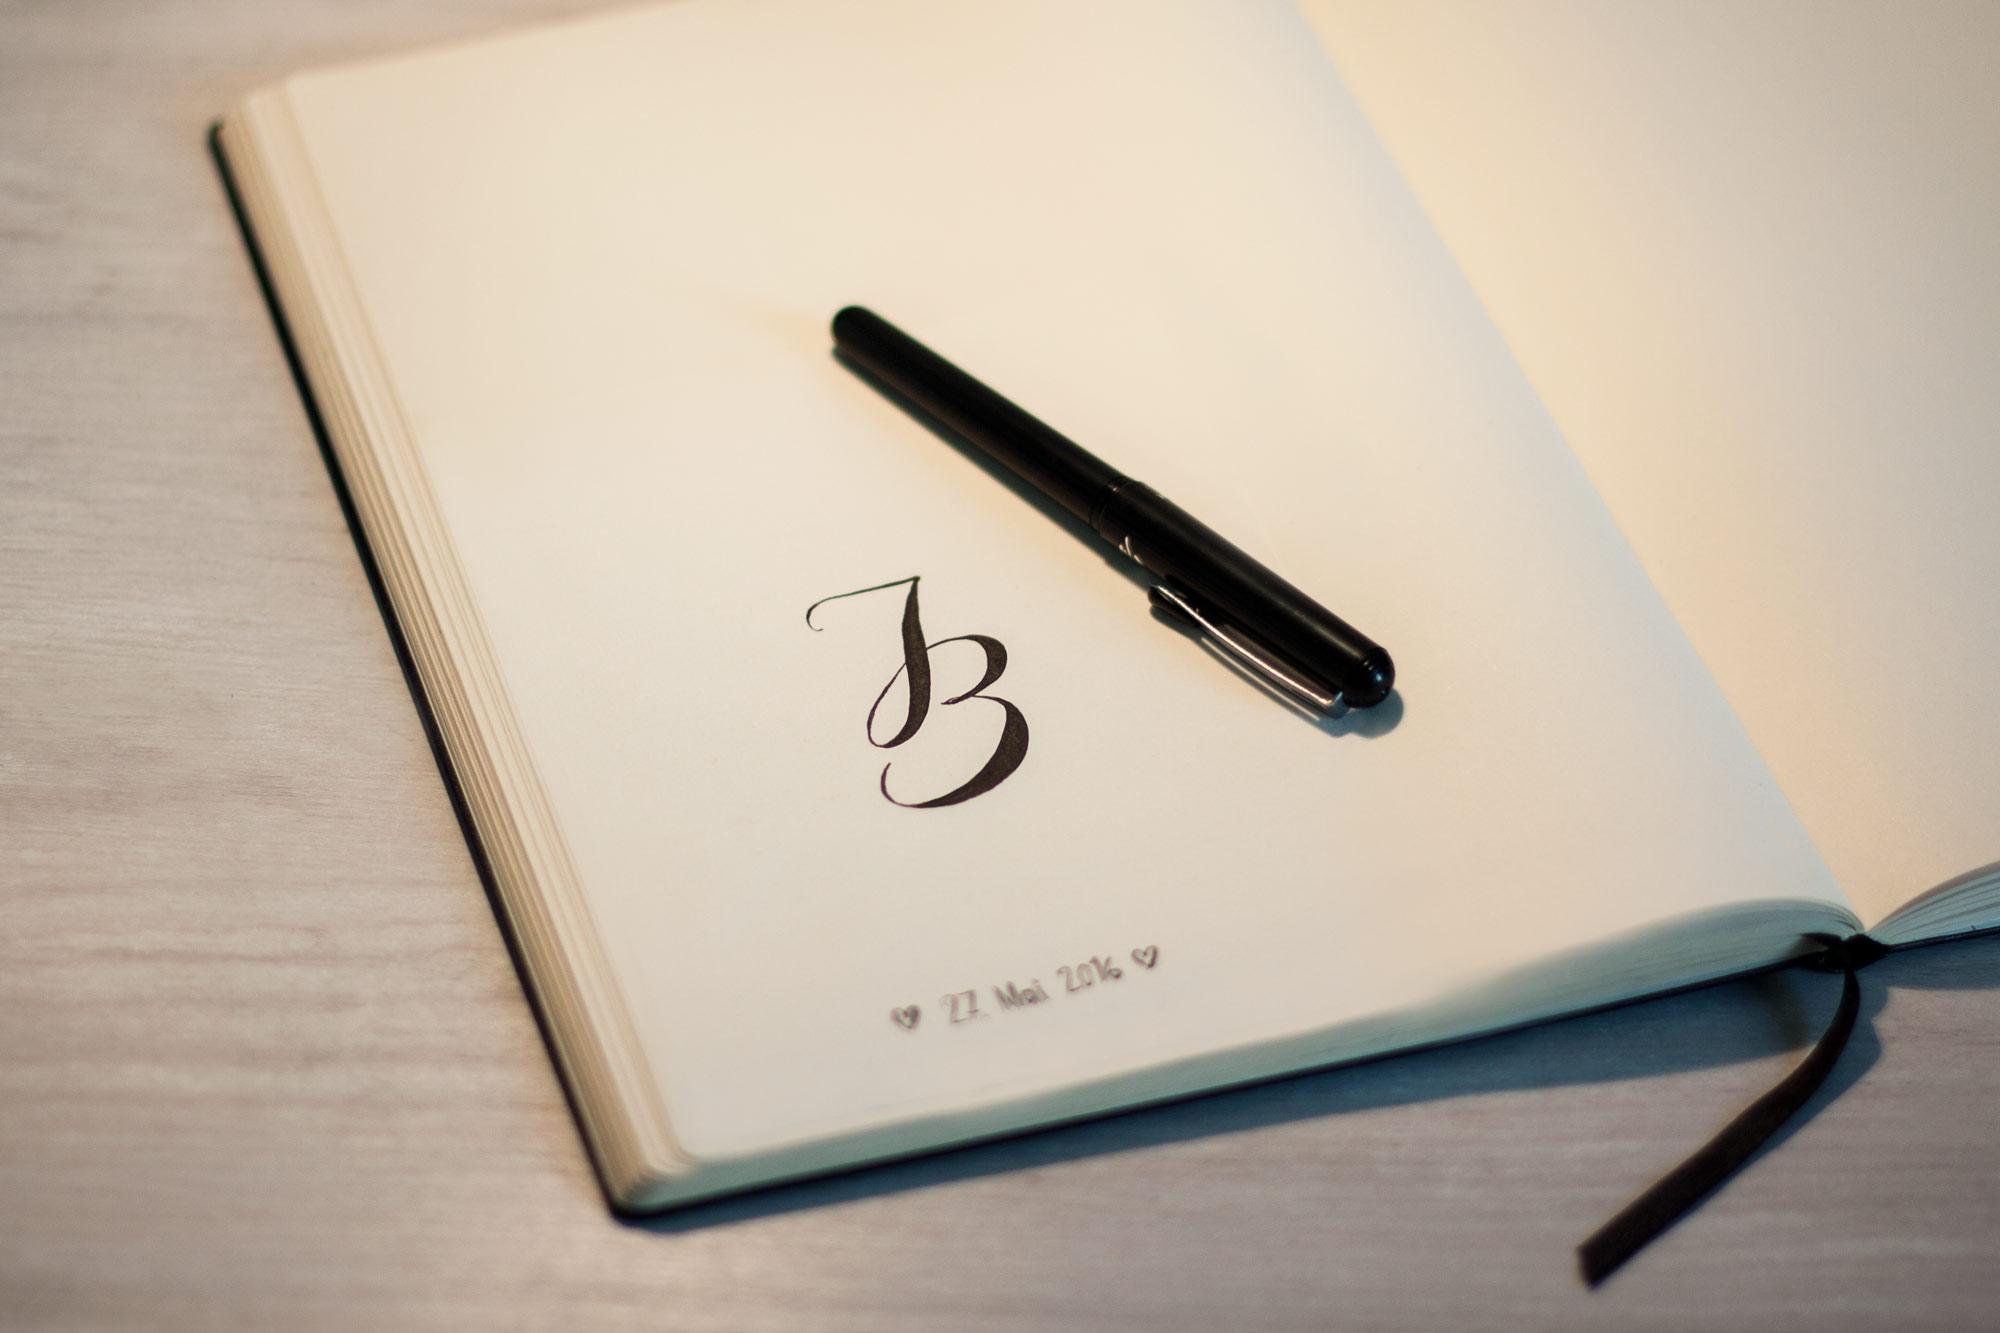 monogramm-jb-02